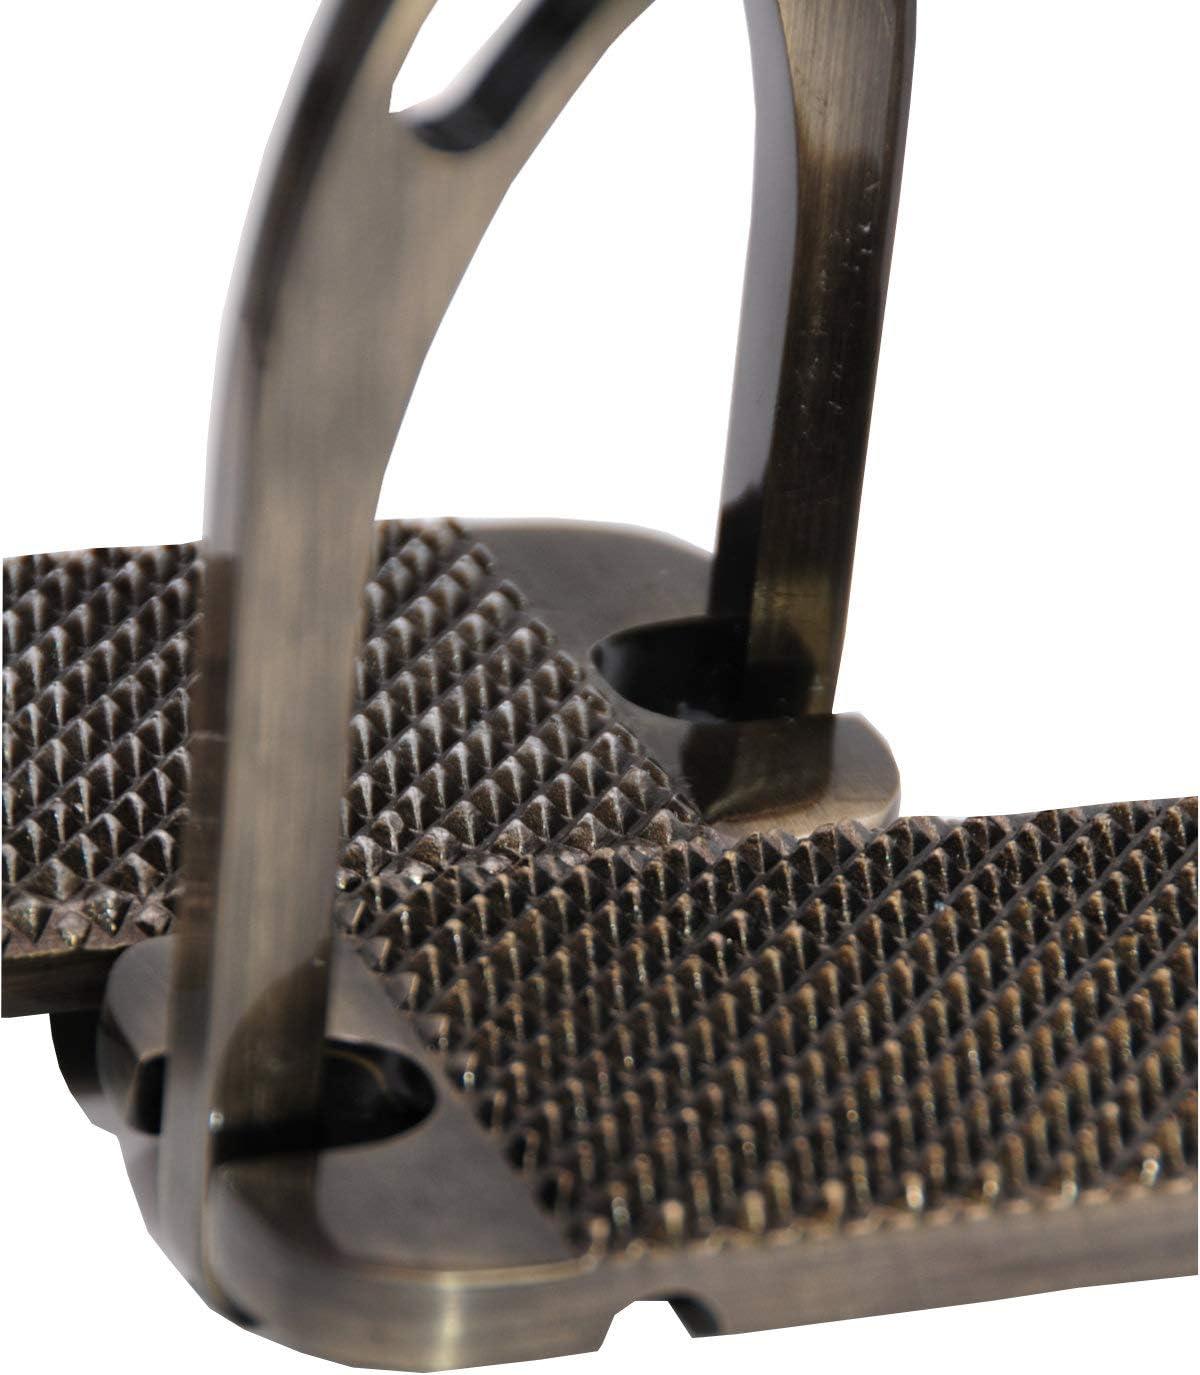 Reitsport Amesbichler AMKA - Estribo de aluminio con superficie ancha, color marrón y titanio: Amazon.es: Productos para mascotas